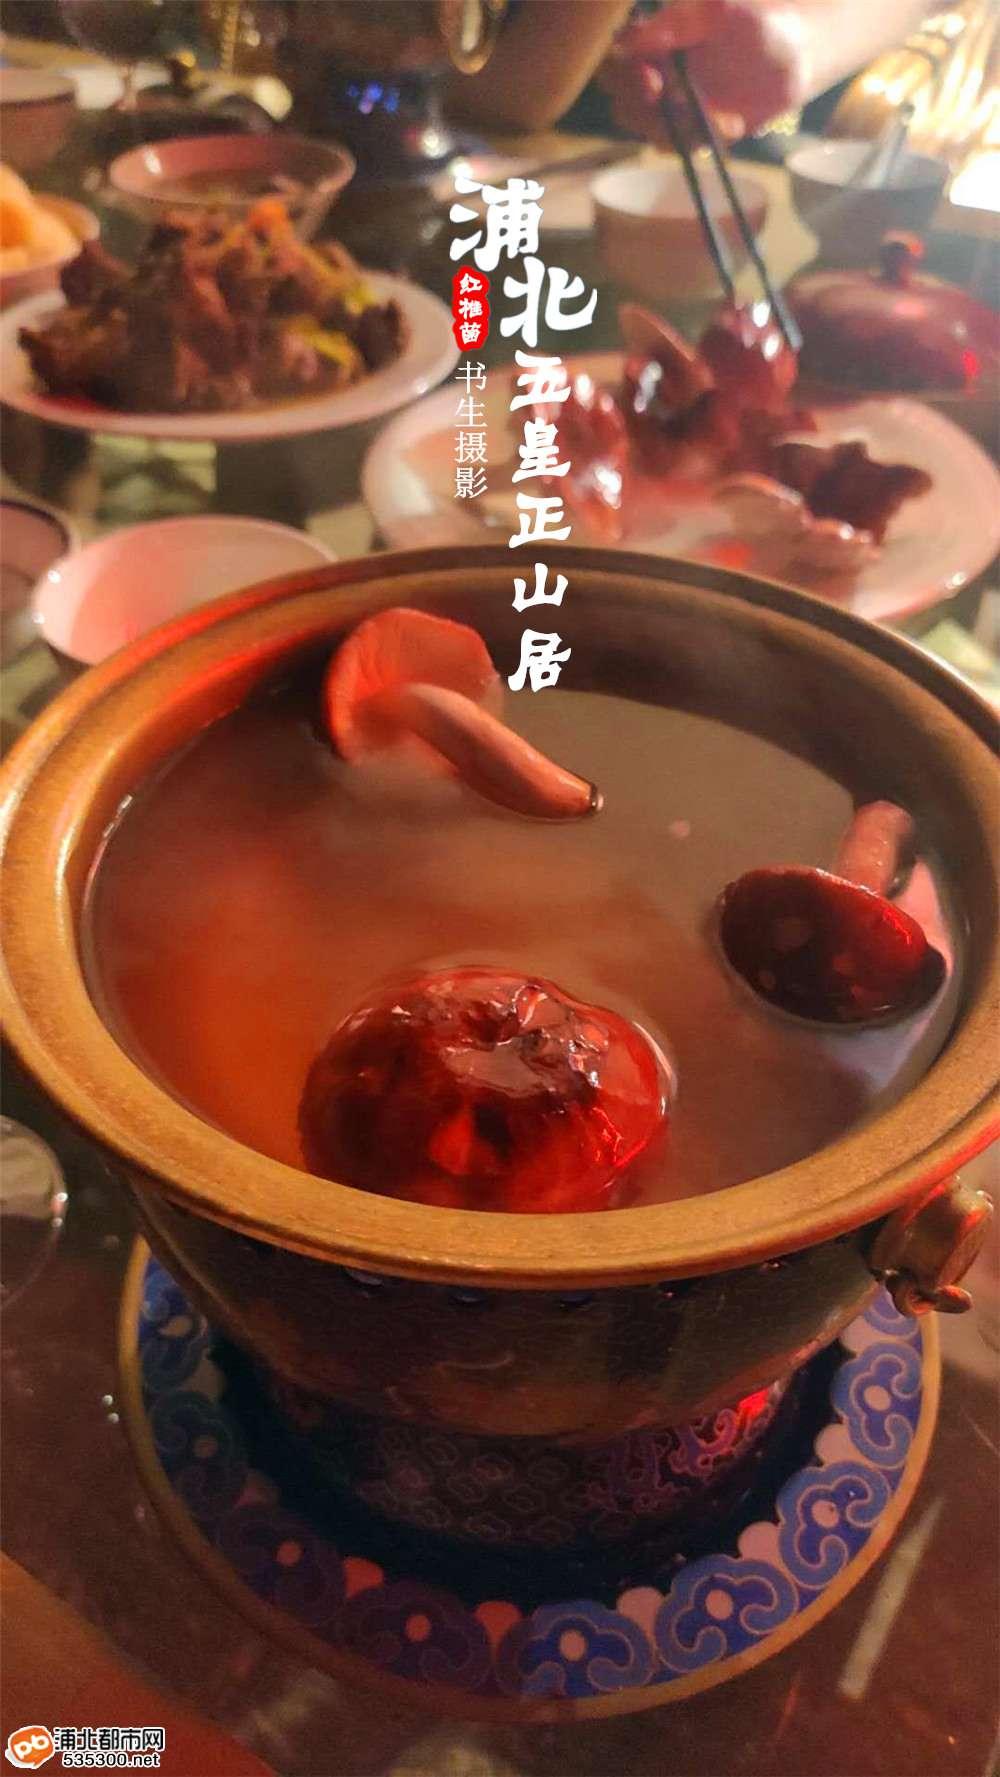 浦北五皇正山居·微茶庄园尝野生红椎菌,过简单的慢生活